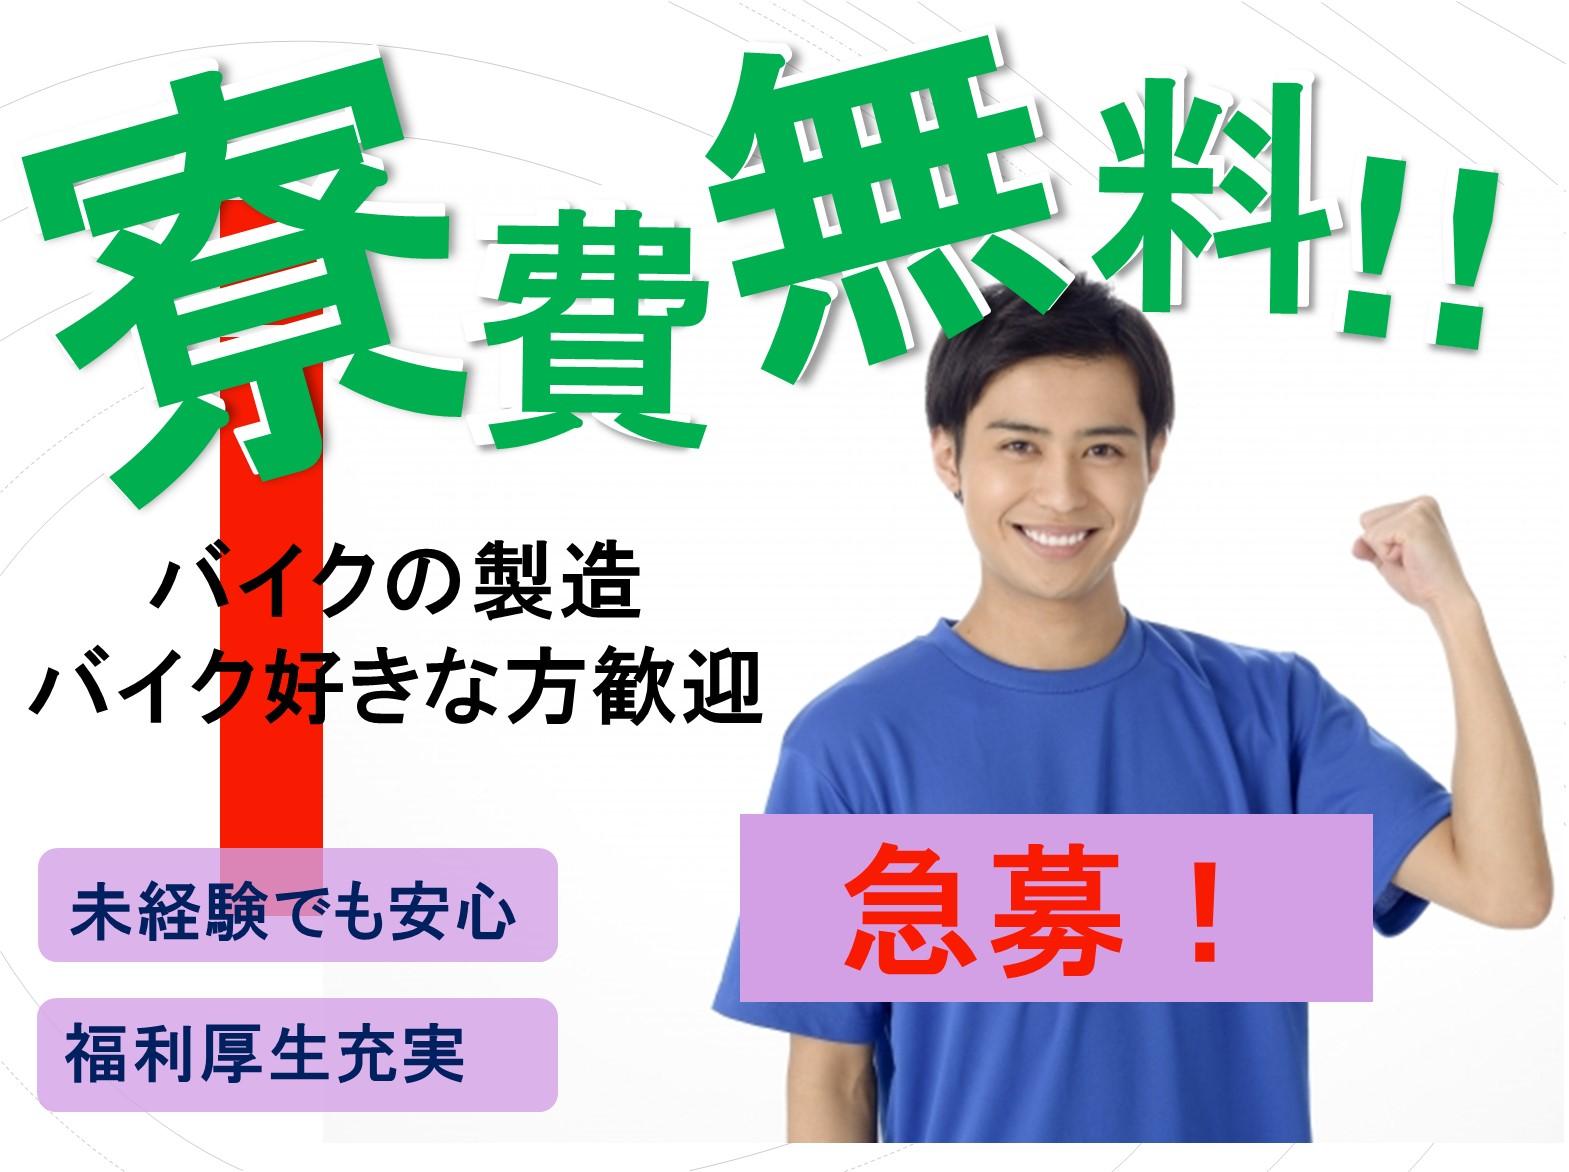 急募!!寮費0円!正社員雇用!2輪バイクの製造(熊本県) イメージ